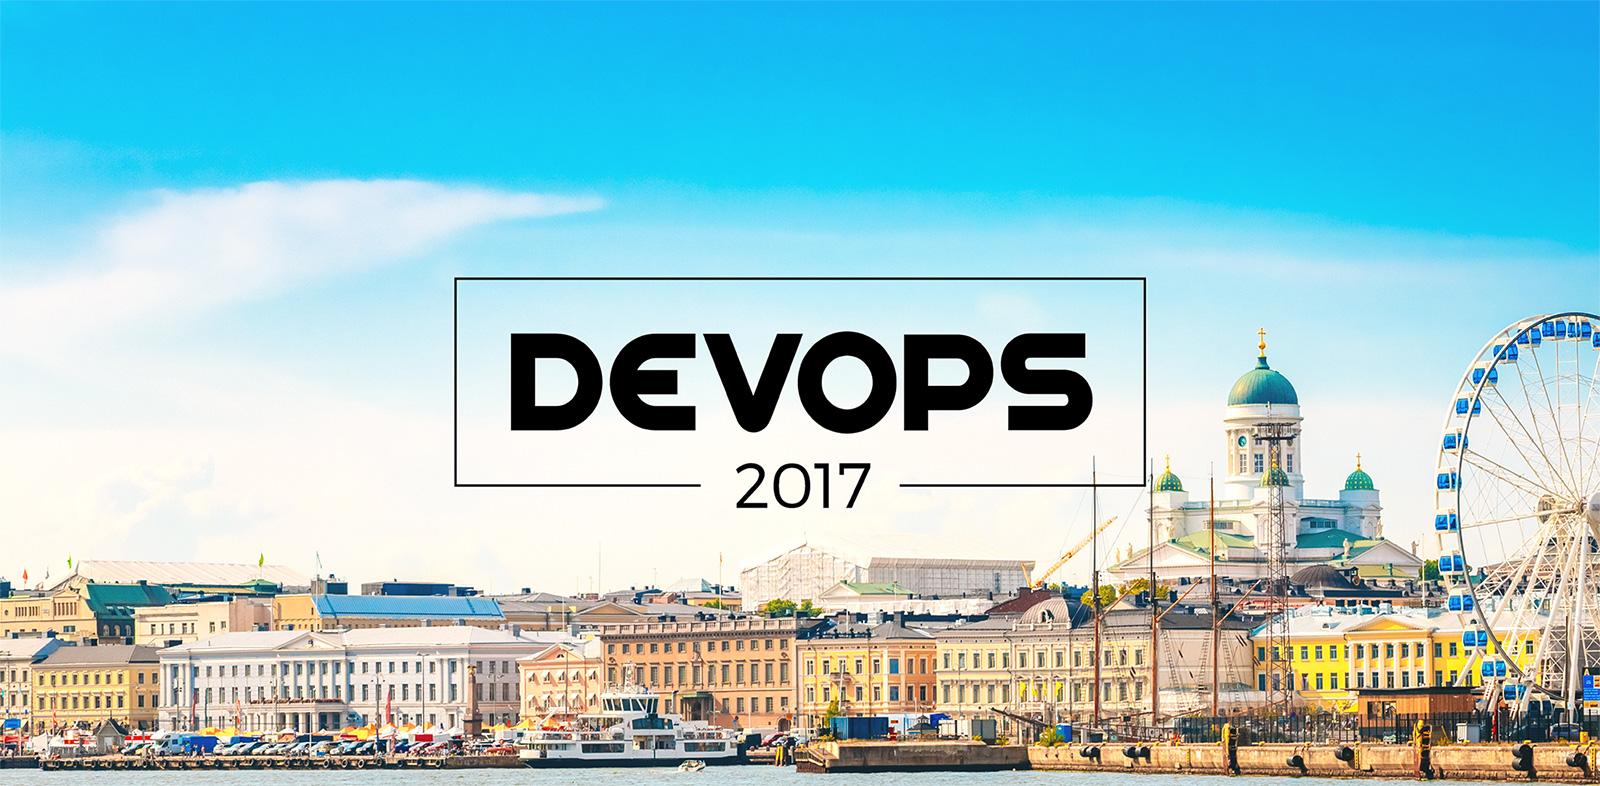 Join DevOps 2017 Live Stream – April 27-28